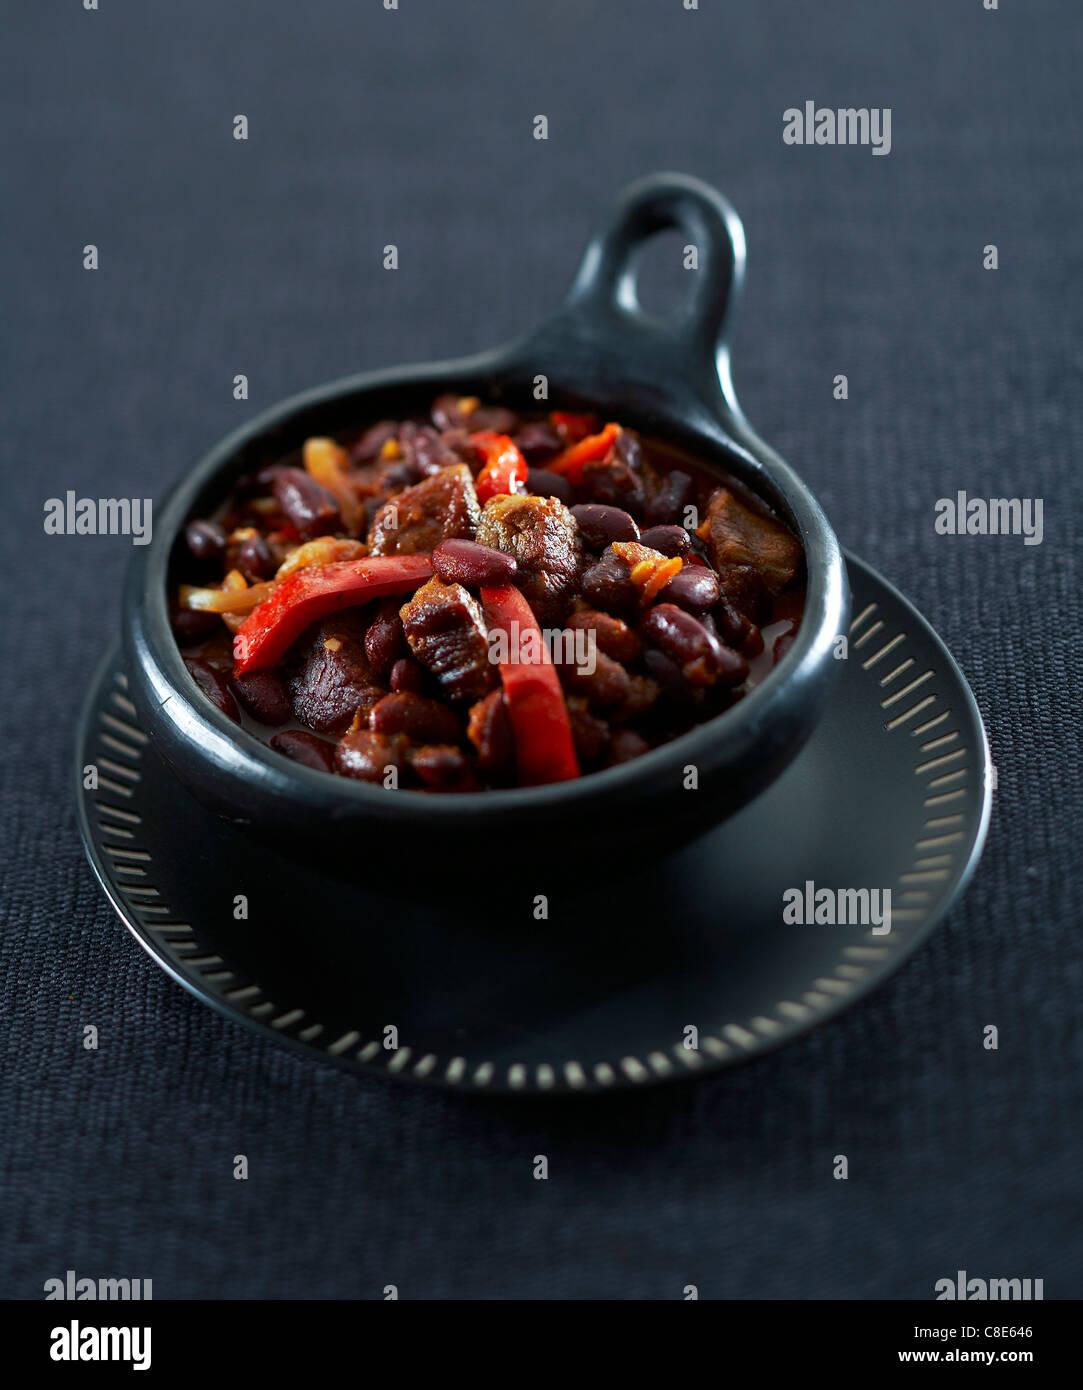 Chili con carne - Stock Image